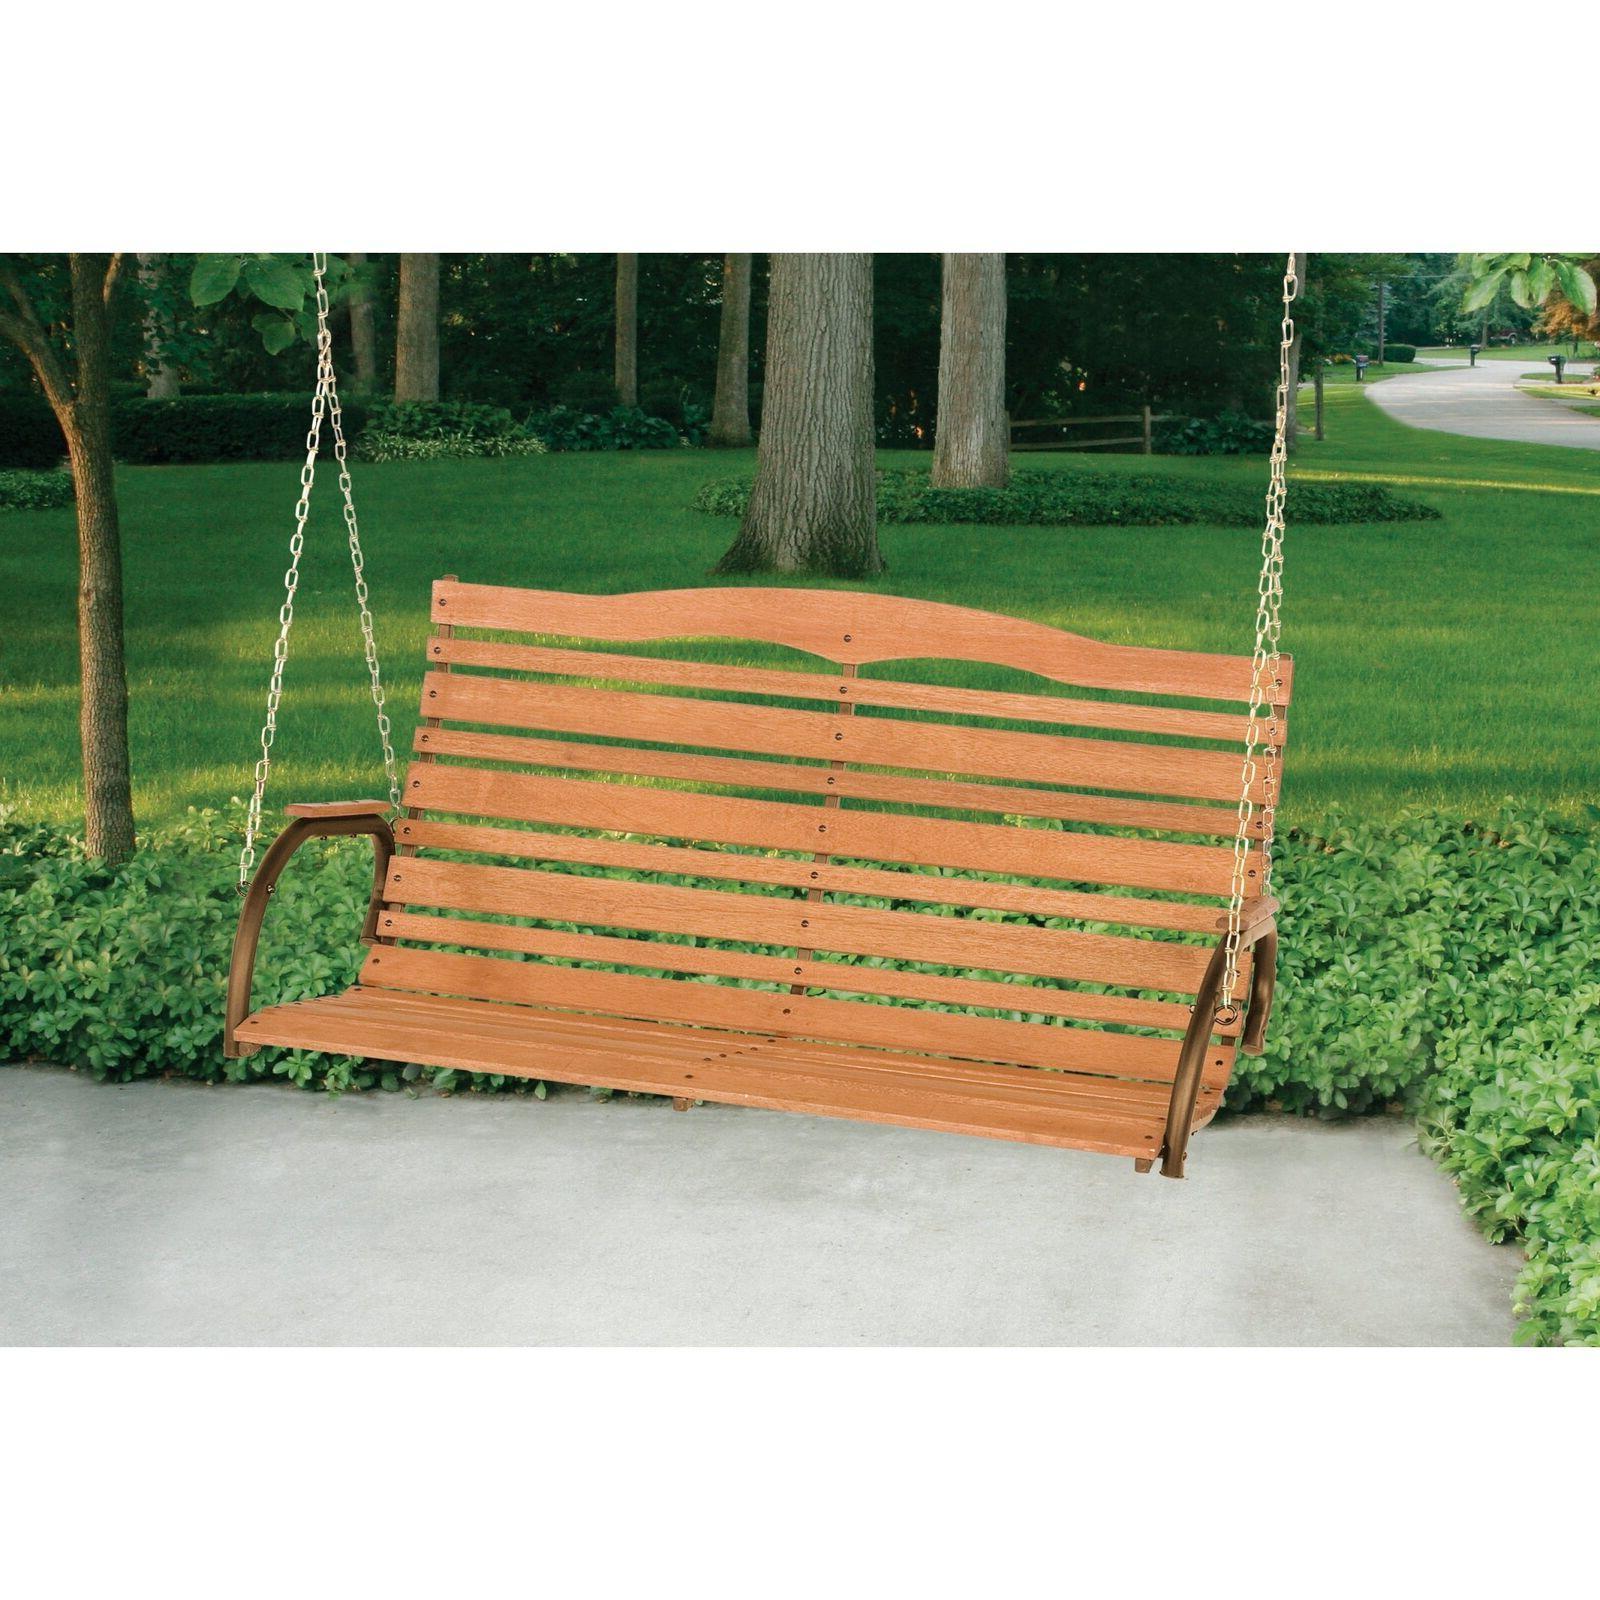 Porch Swings Solid Wood Kit Loveseat Patio Backyard